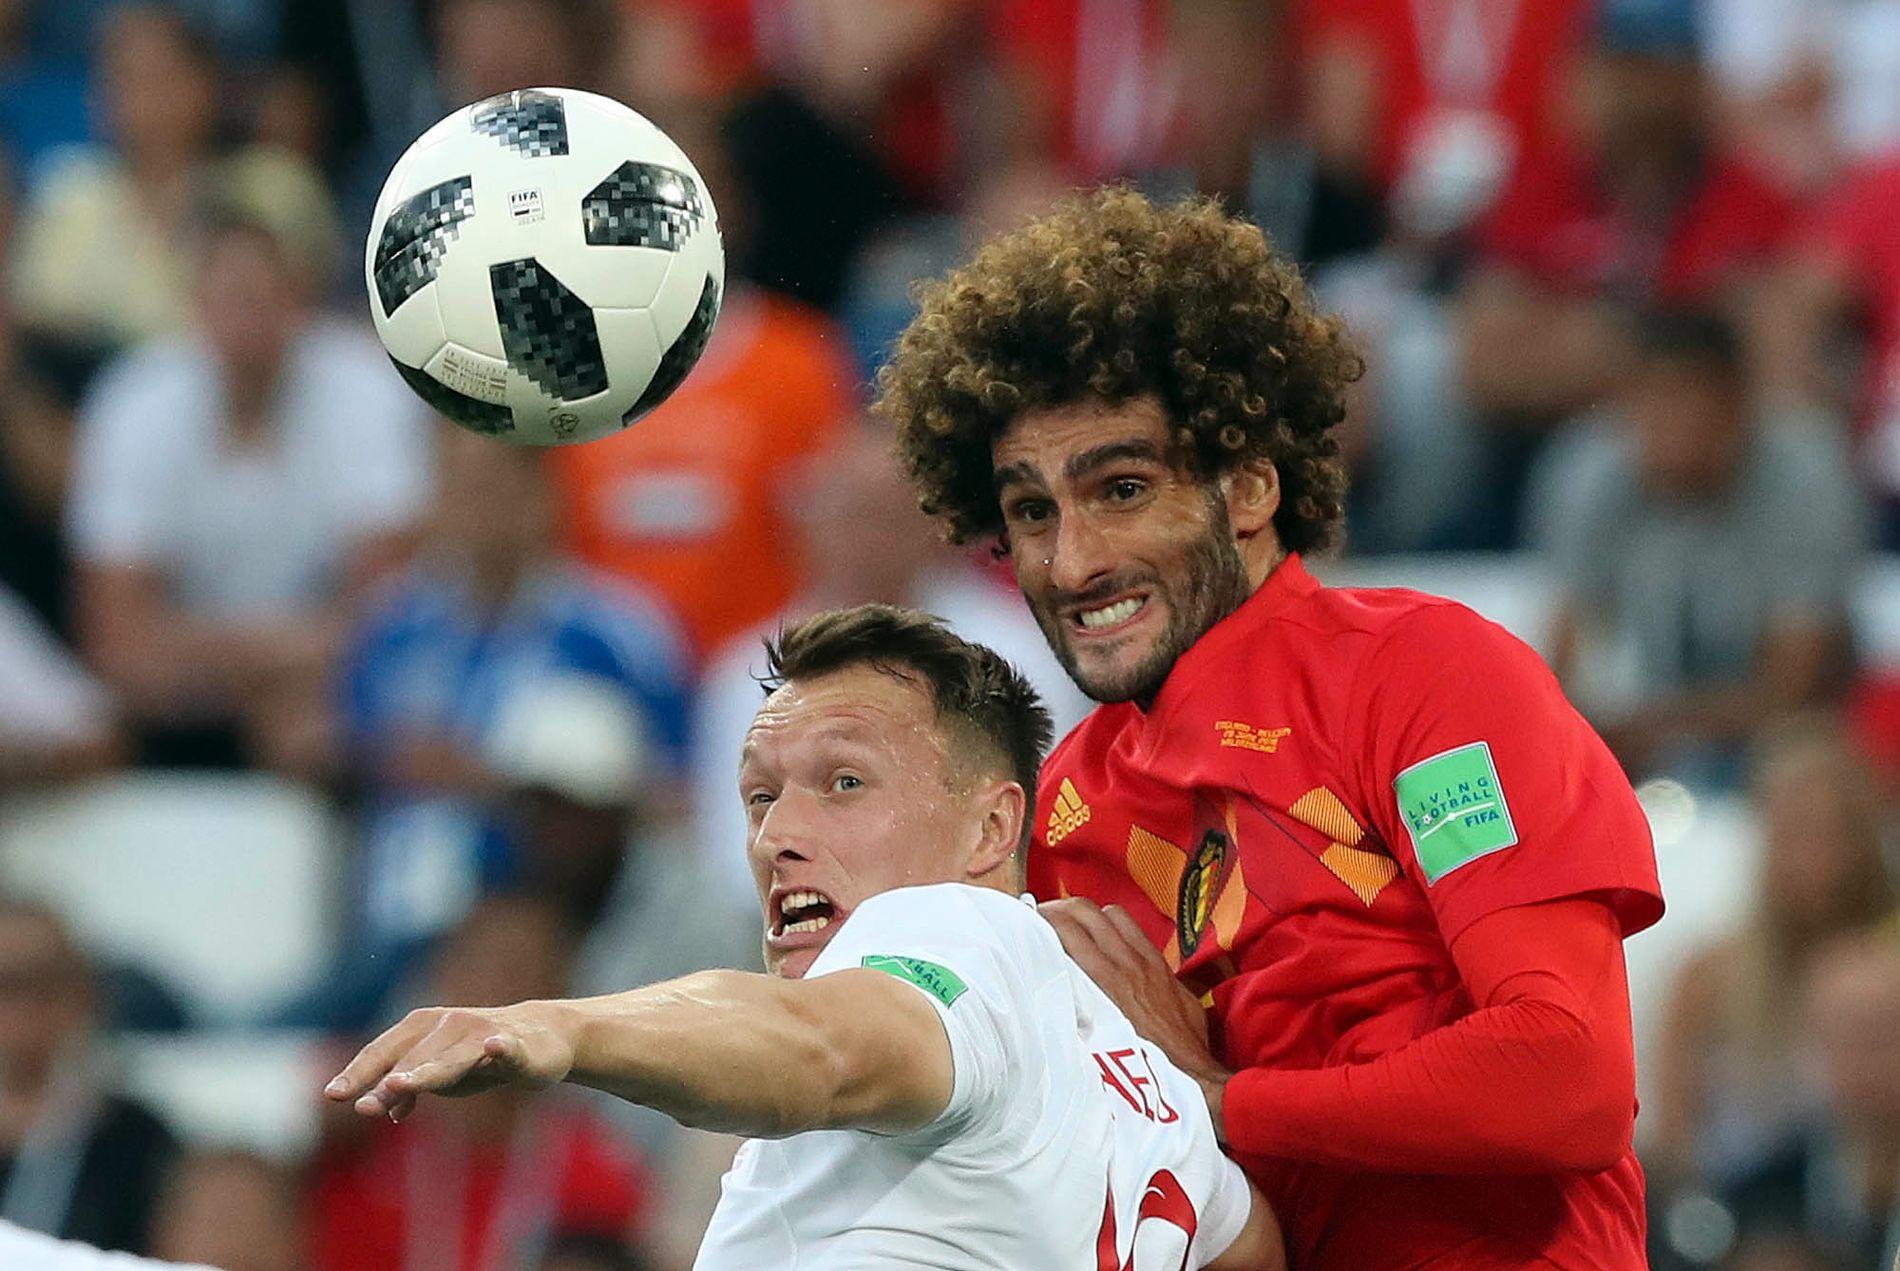 Duell fra den første Belgia - England-kampen 28 juni - og duell med to Manchester United-lagkompiser Phil Jones og Marouane Fellaini.